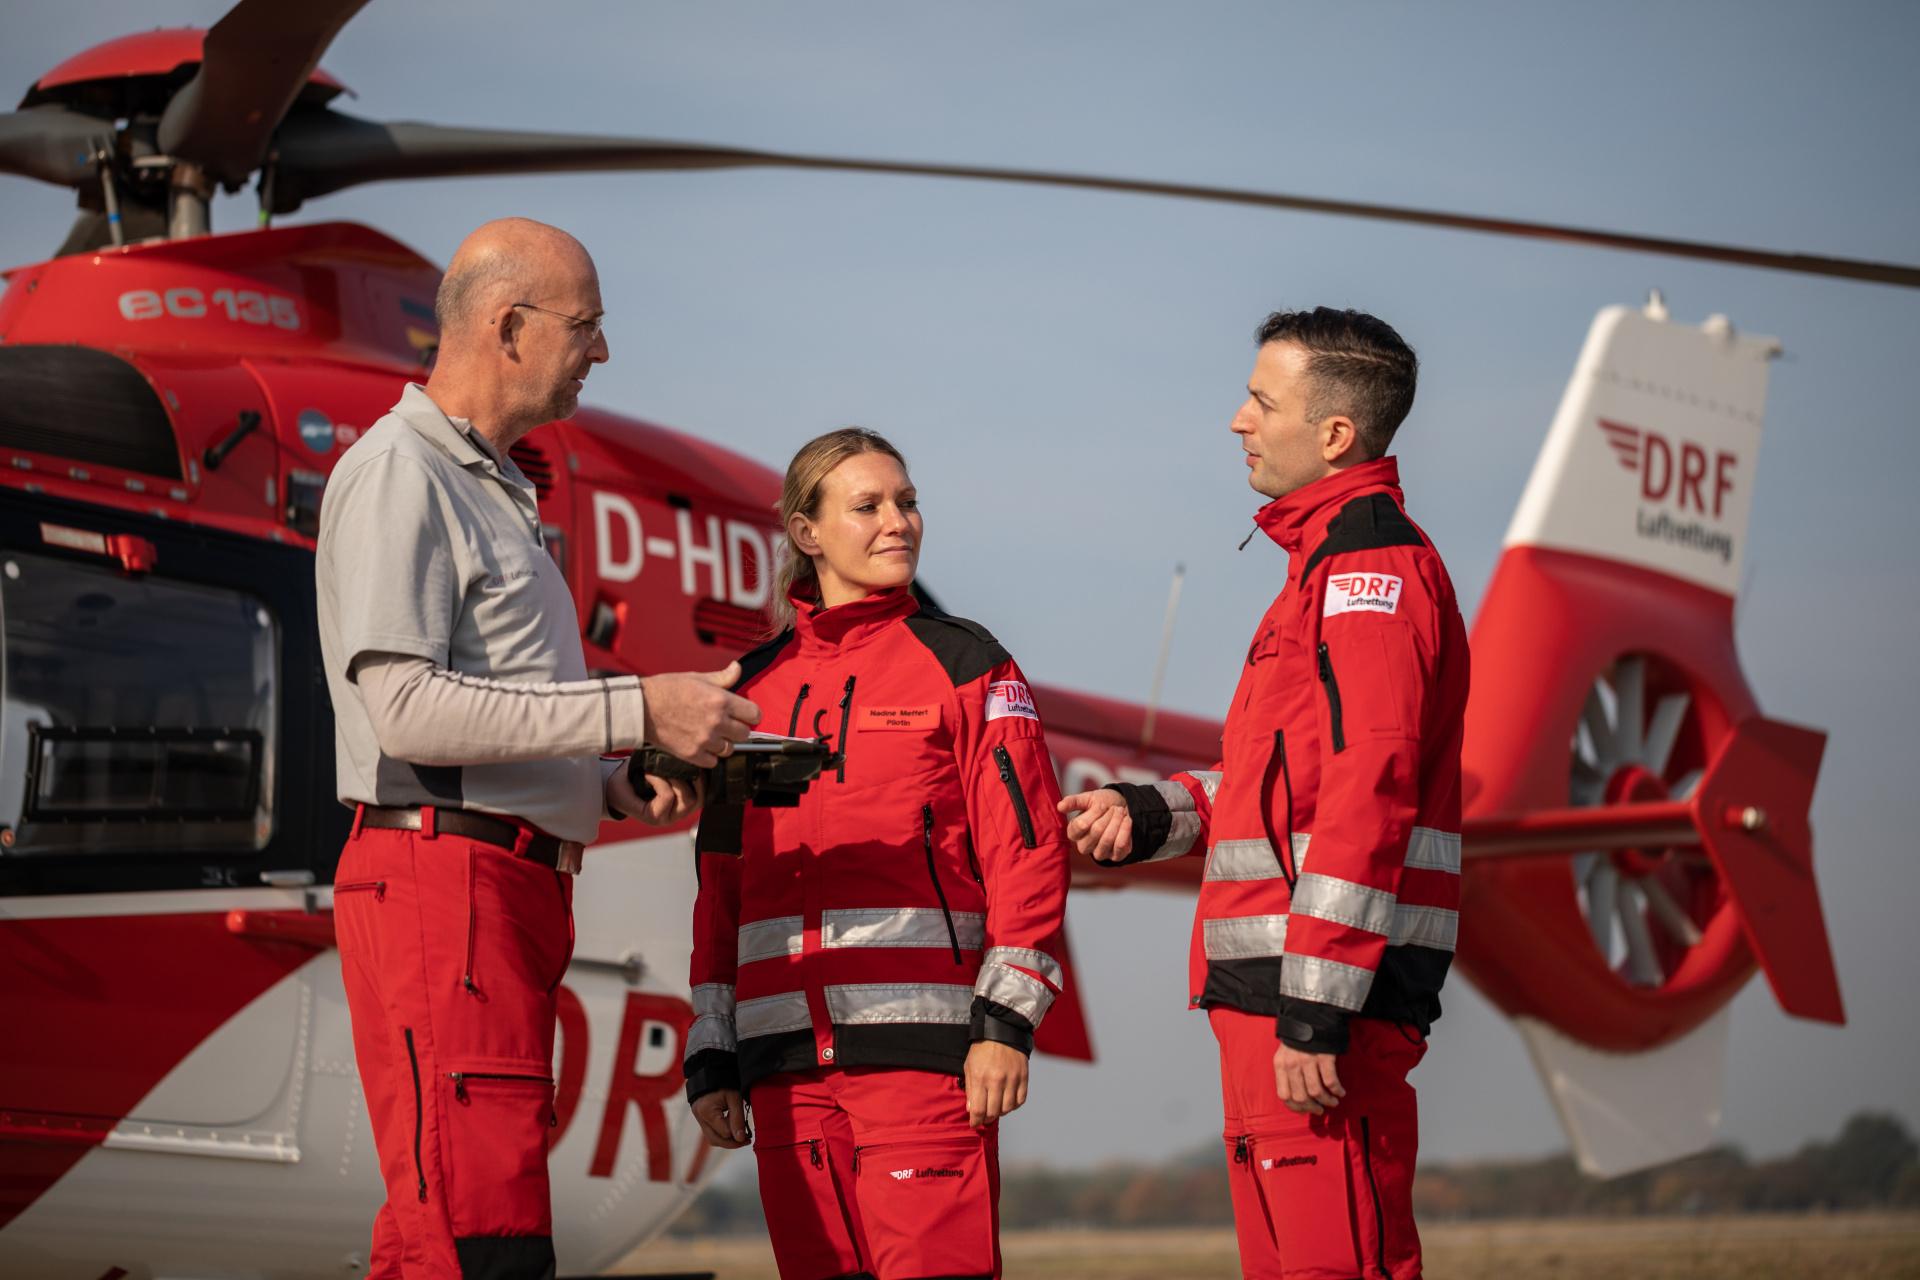 Mit seiner Kollegin und seinem Kollegen bespricht Sebastian Fuhr (rechts) alle Details für den nächsten Flug.